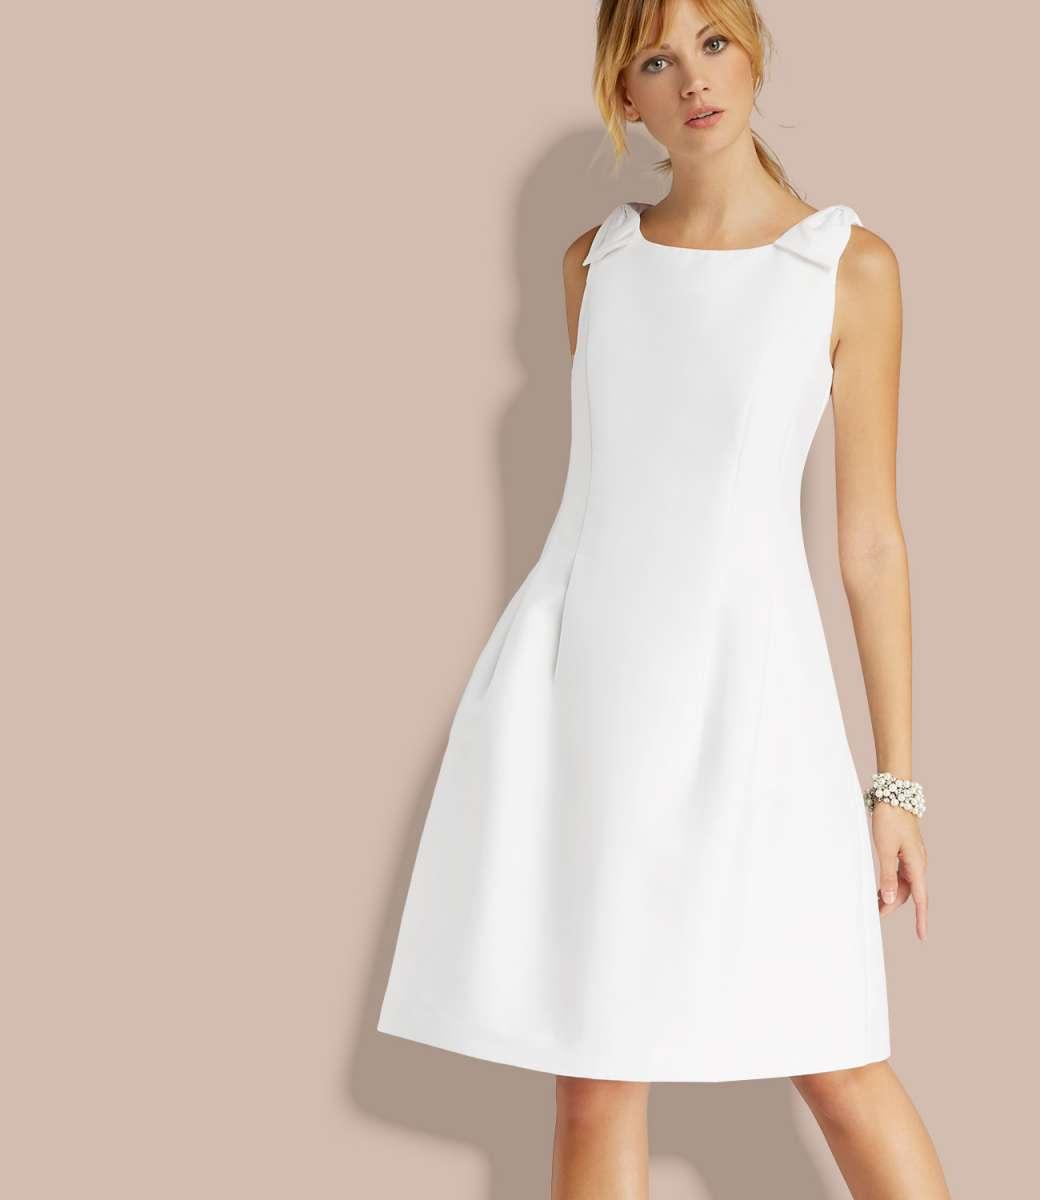 Abendkleid mit Zierschleifen  APART Fashion